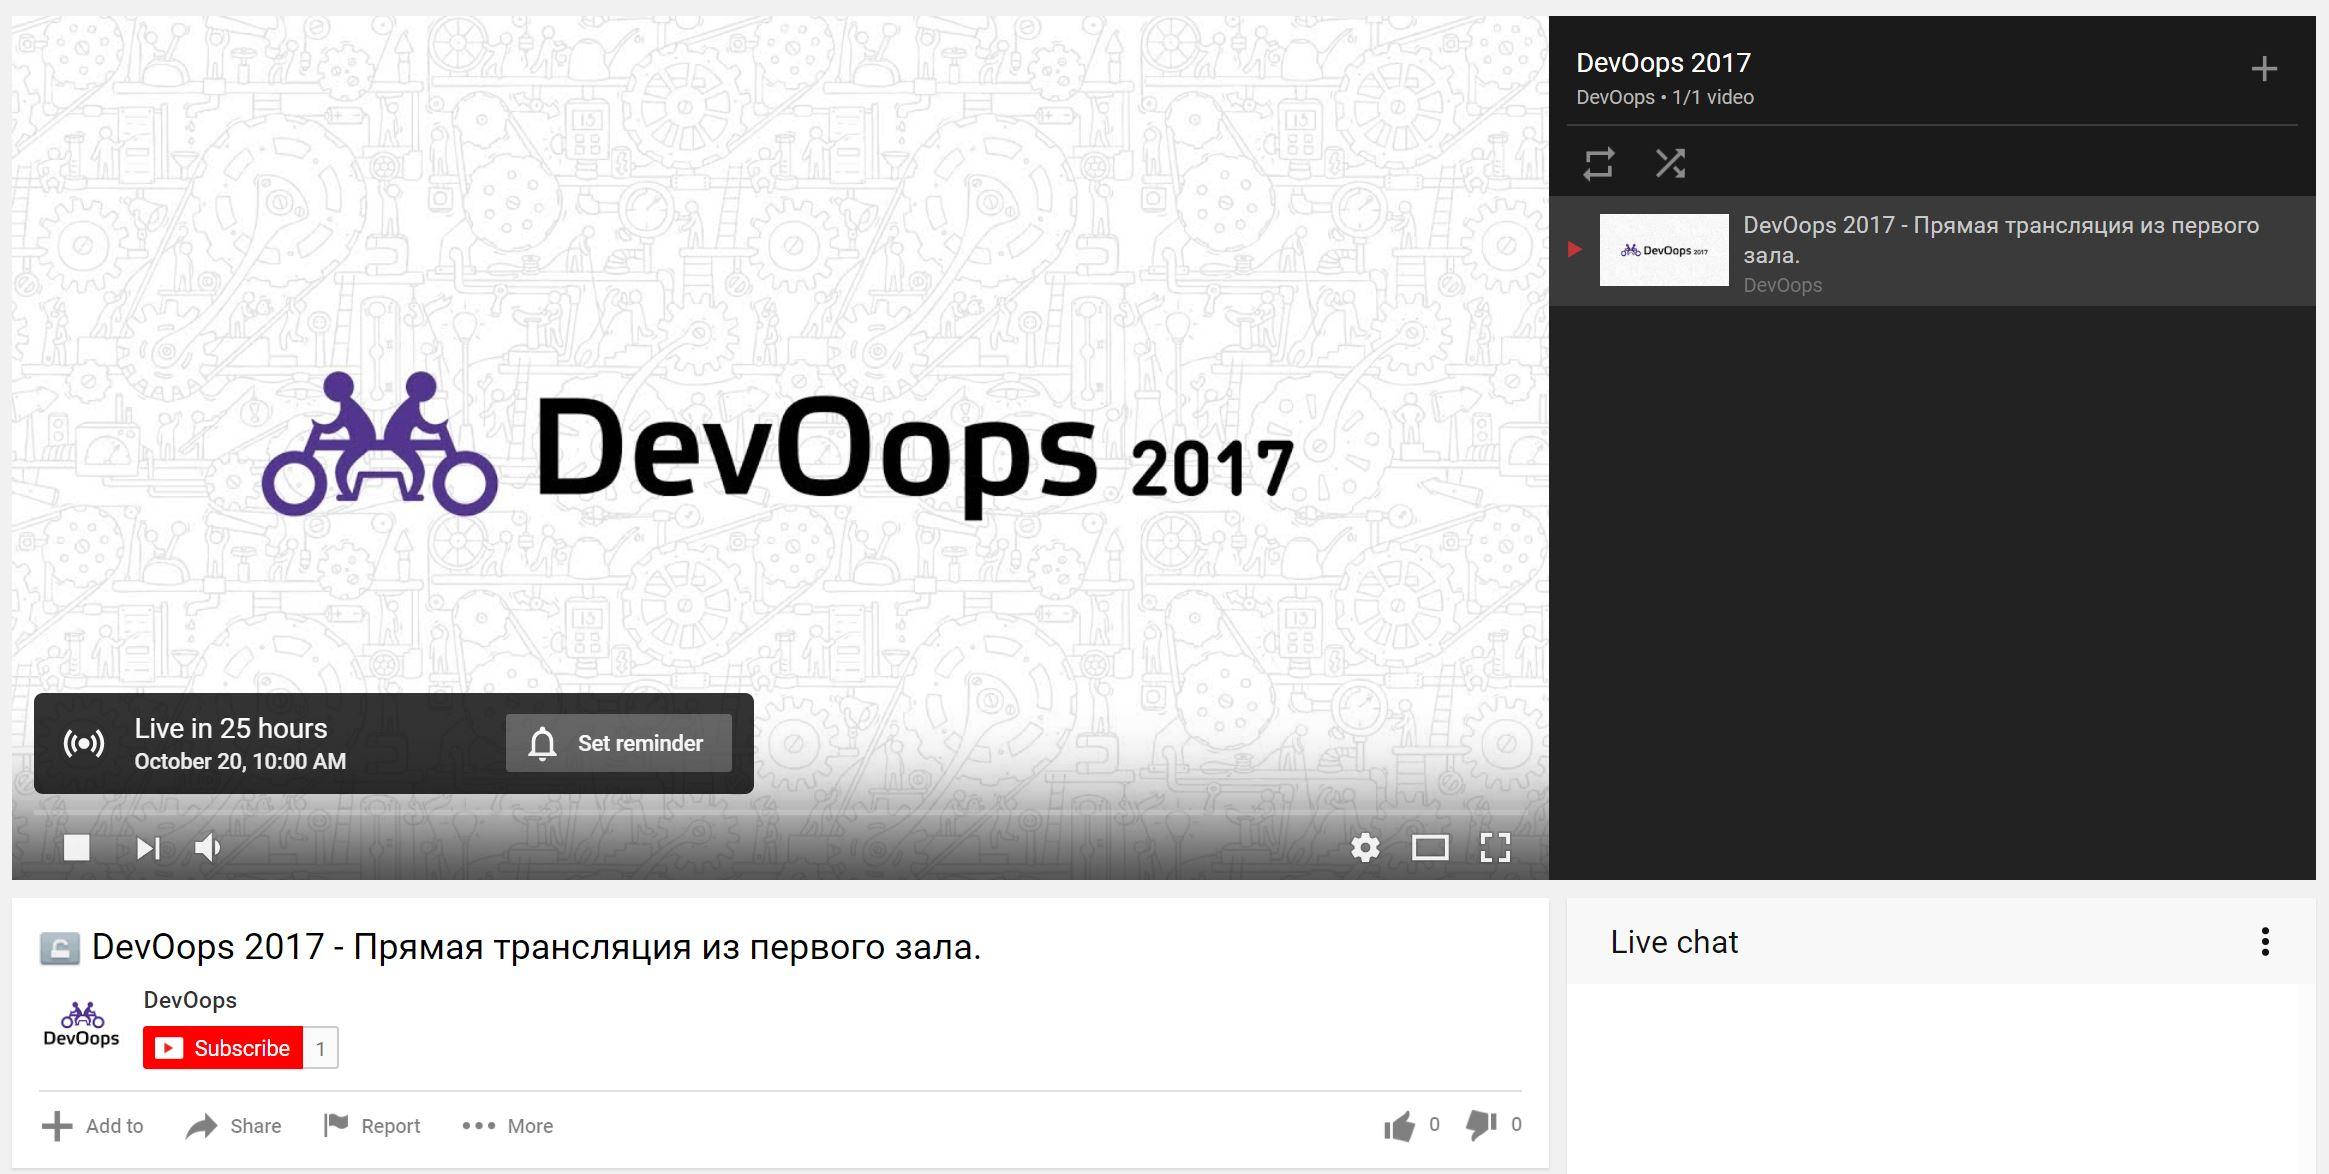 Бесплатная YouTube-трансляция DevOps-конференции DevOops 2017 - 1